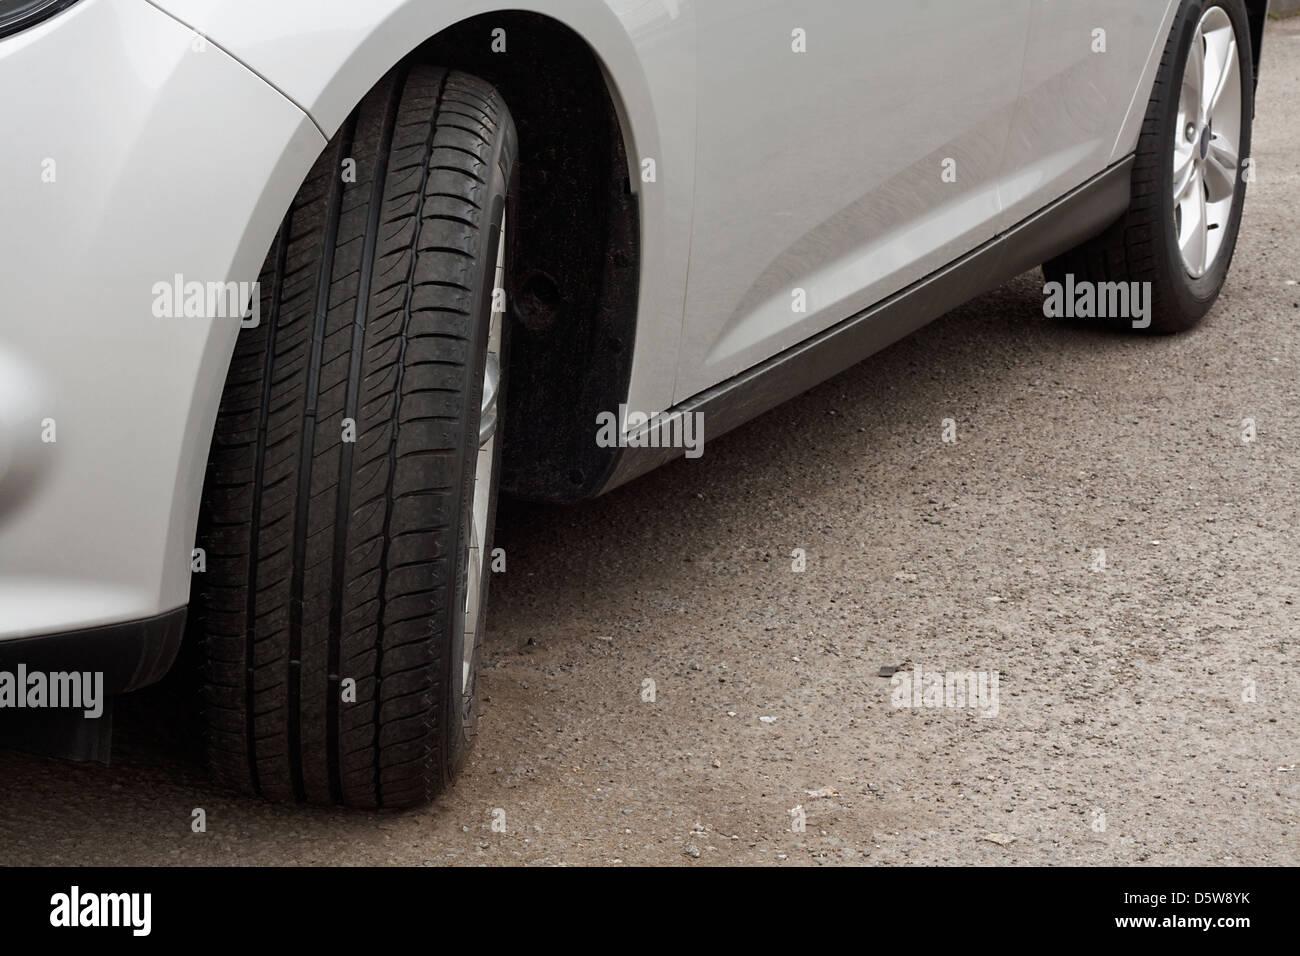 neues Set von ungetragen Reifen auf ein Kraftfahrzeug oder ein Auto Stockfoto